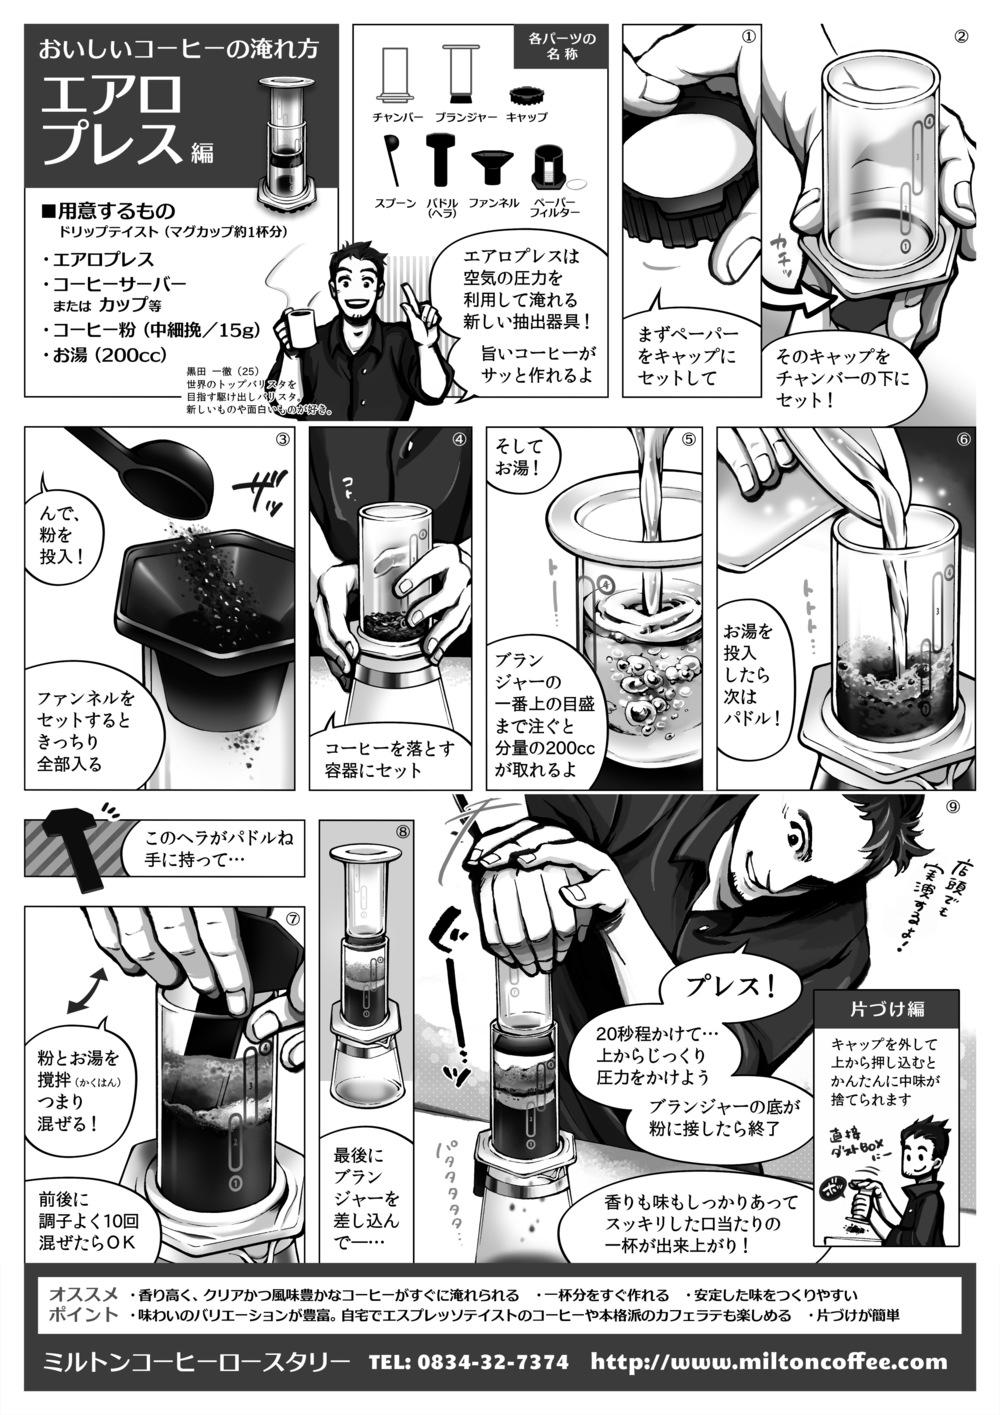 ミルトンでは初めての試み。コーヒーのハウツーモノを漫画でご紹介! 漫画世代には受け入れやすいかもしれませんね。